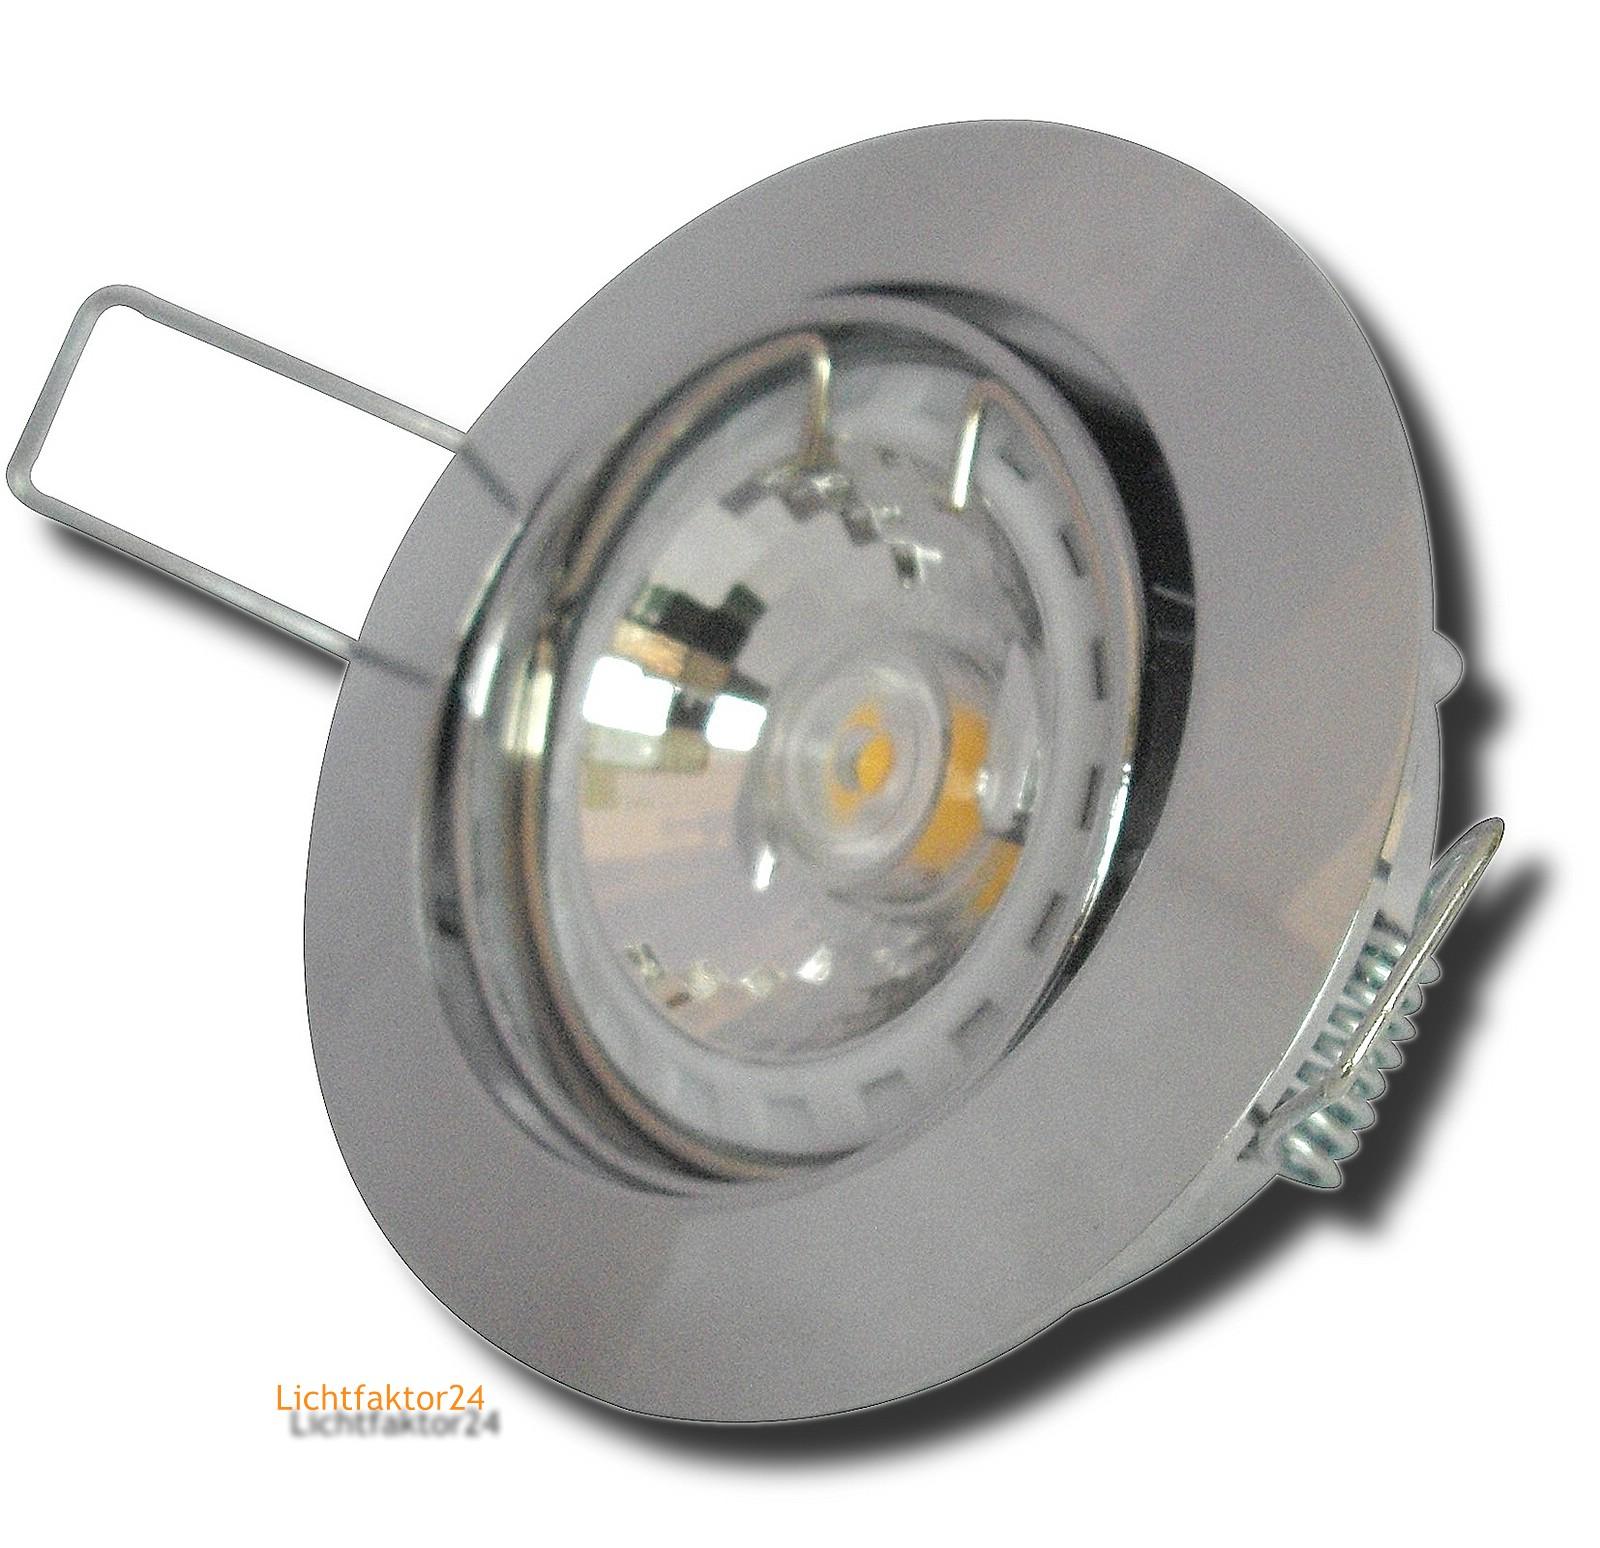 dimmbare led lampen dimmbare led lampen neu led lampen led leuchten g nstig dimbare led lampen. Black Bedroom Furniture Sets. Home Design Ideas